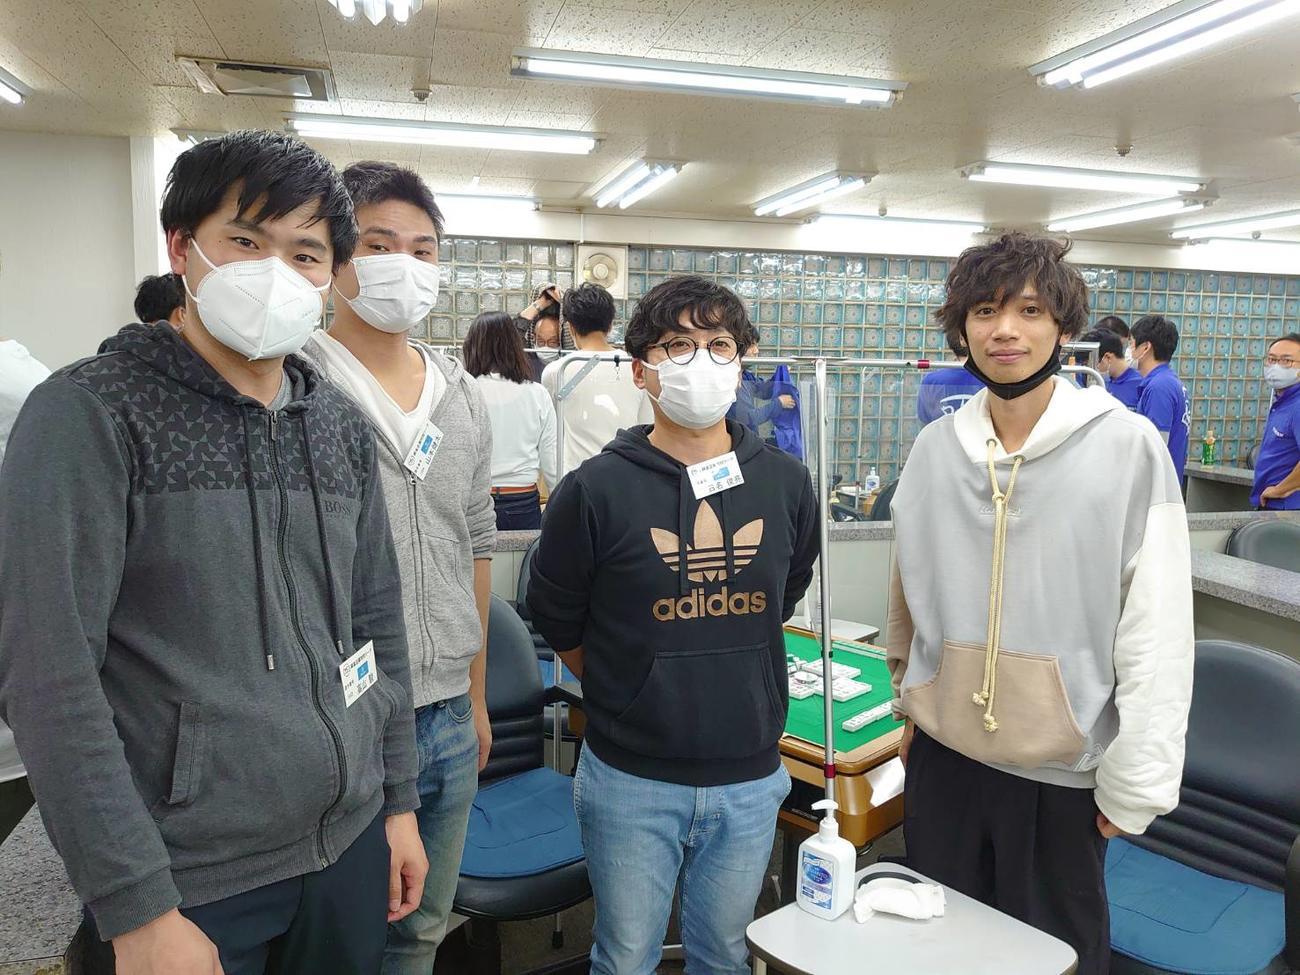 今大会から参戦のアンファー。右から2人目が日名俊亮さん